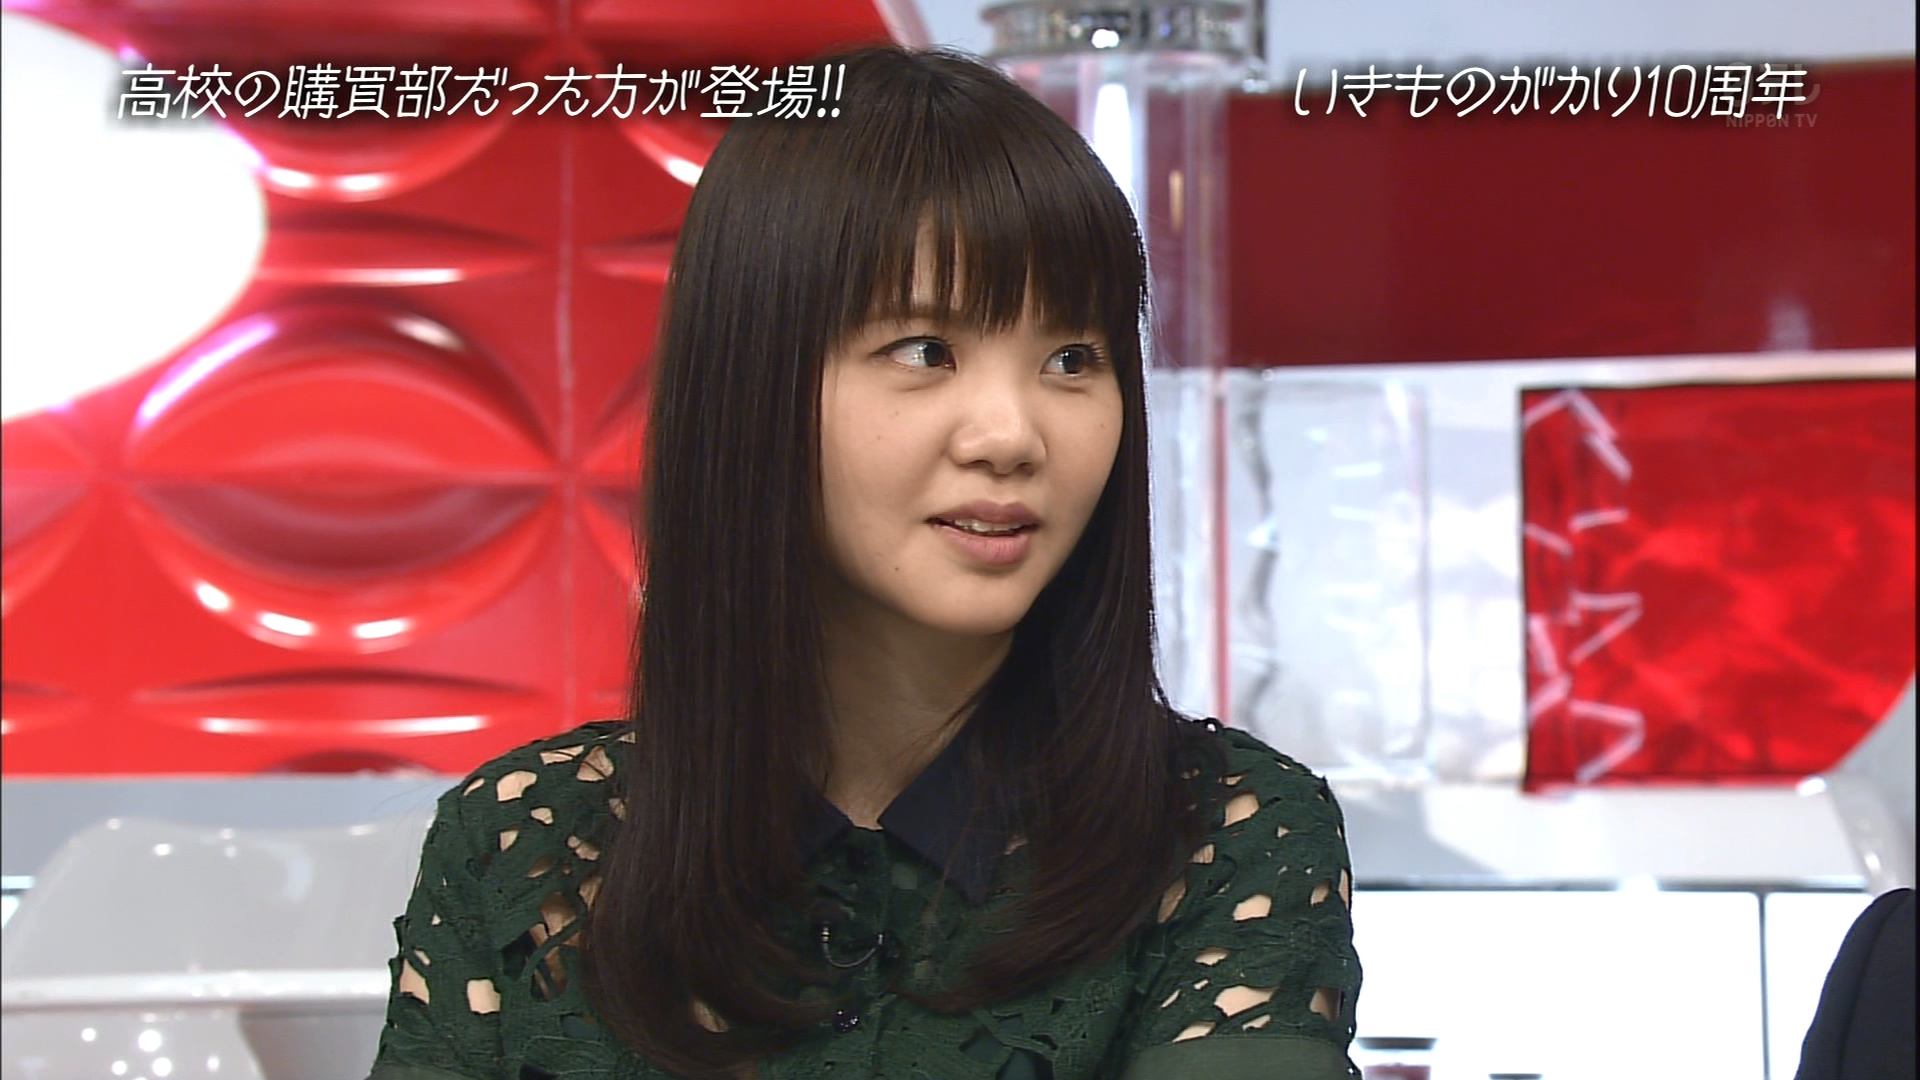 2016.03.13 全場(おしゃれイズム).ts_20160314_003438.286